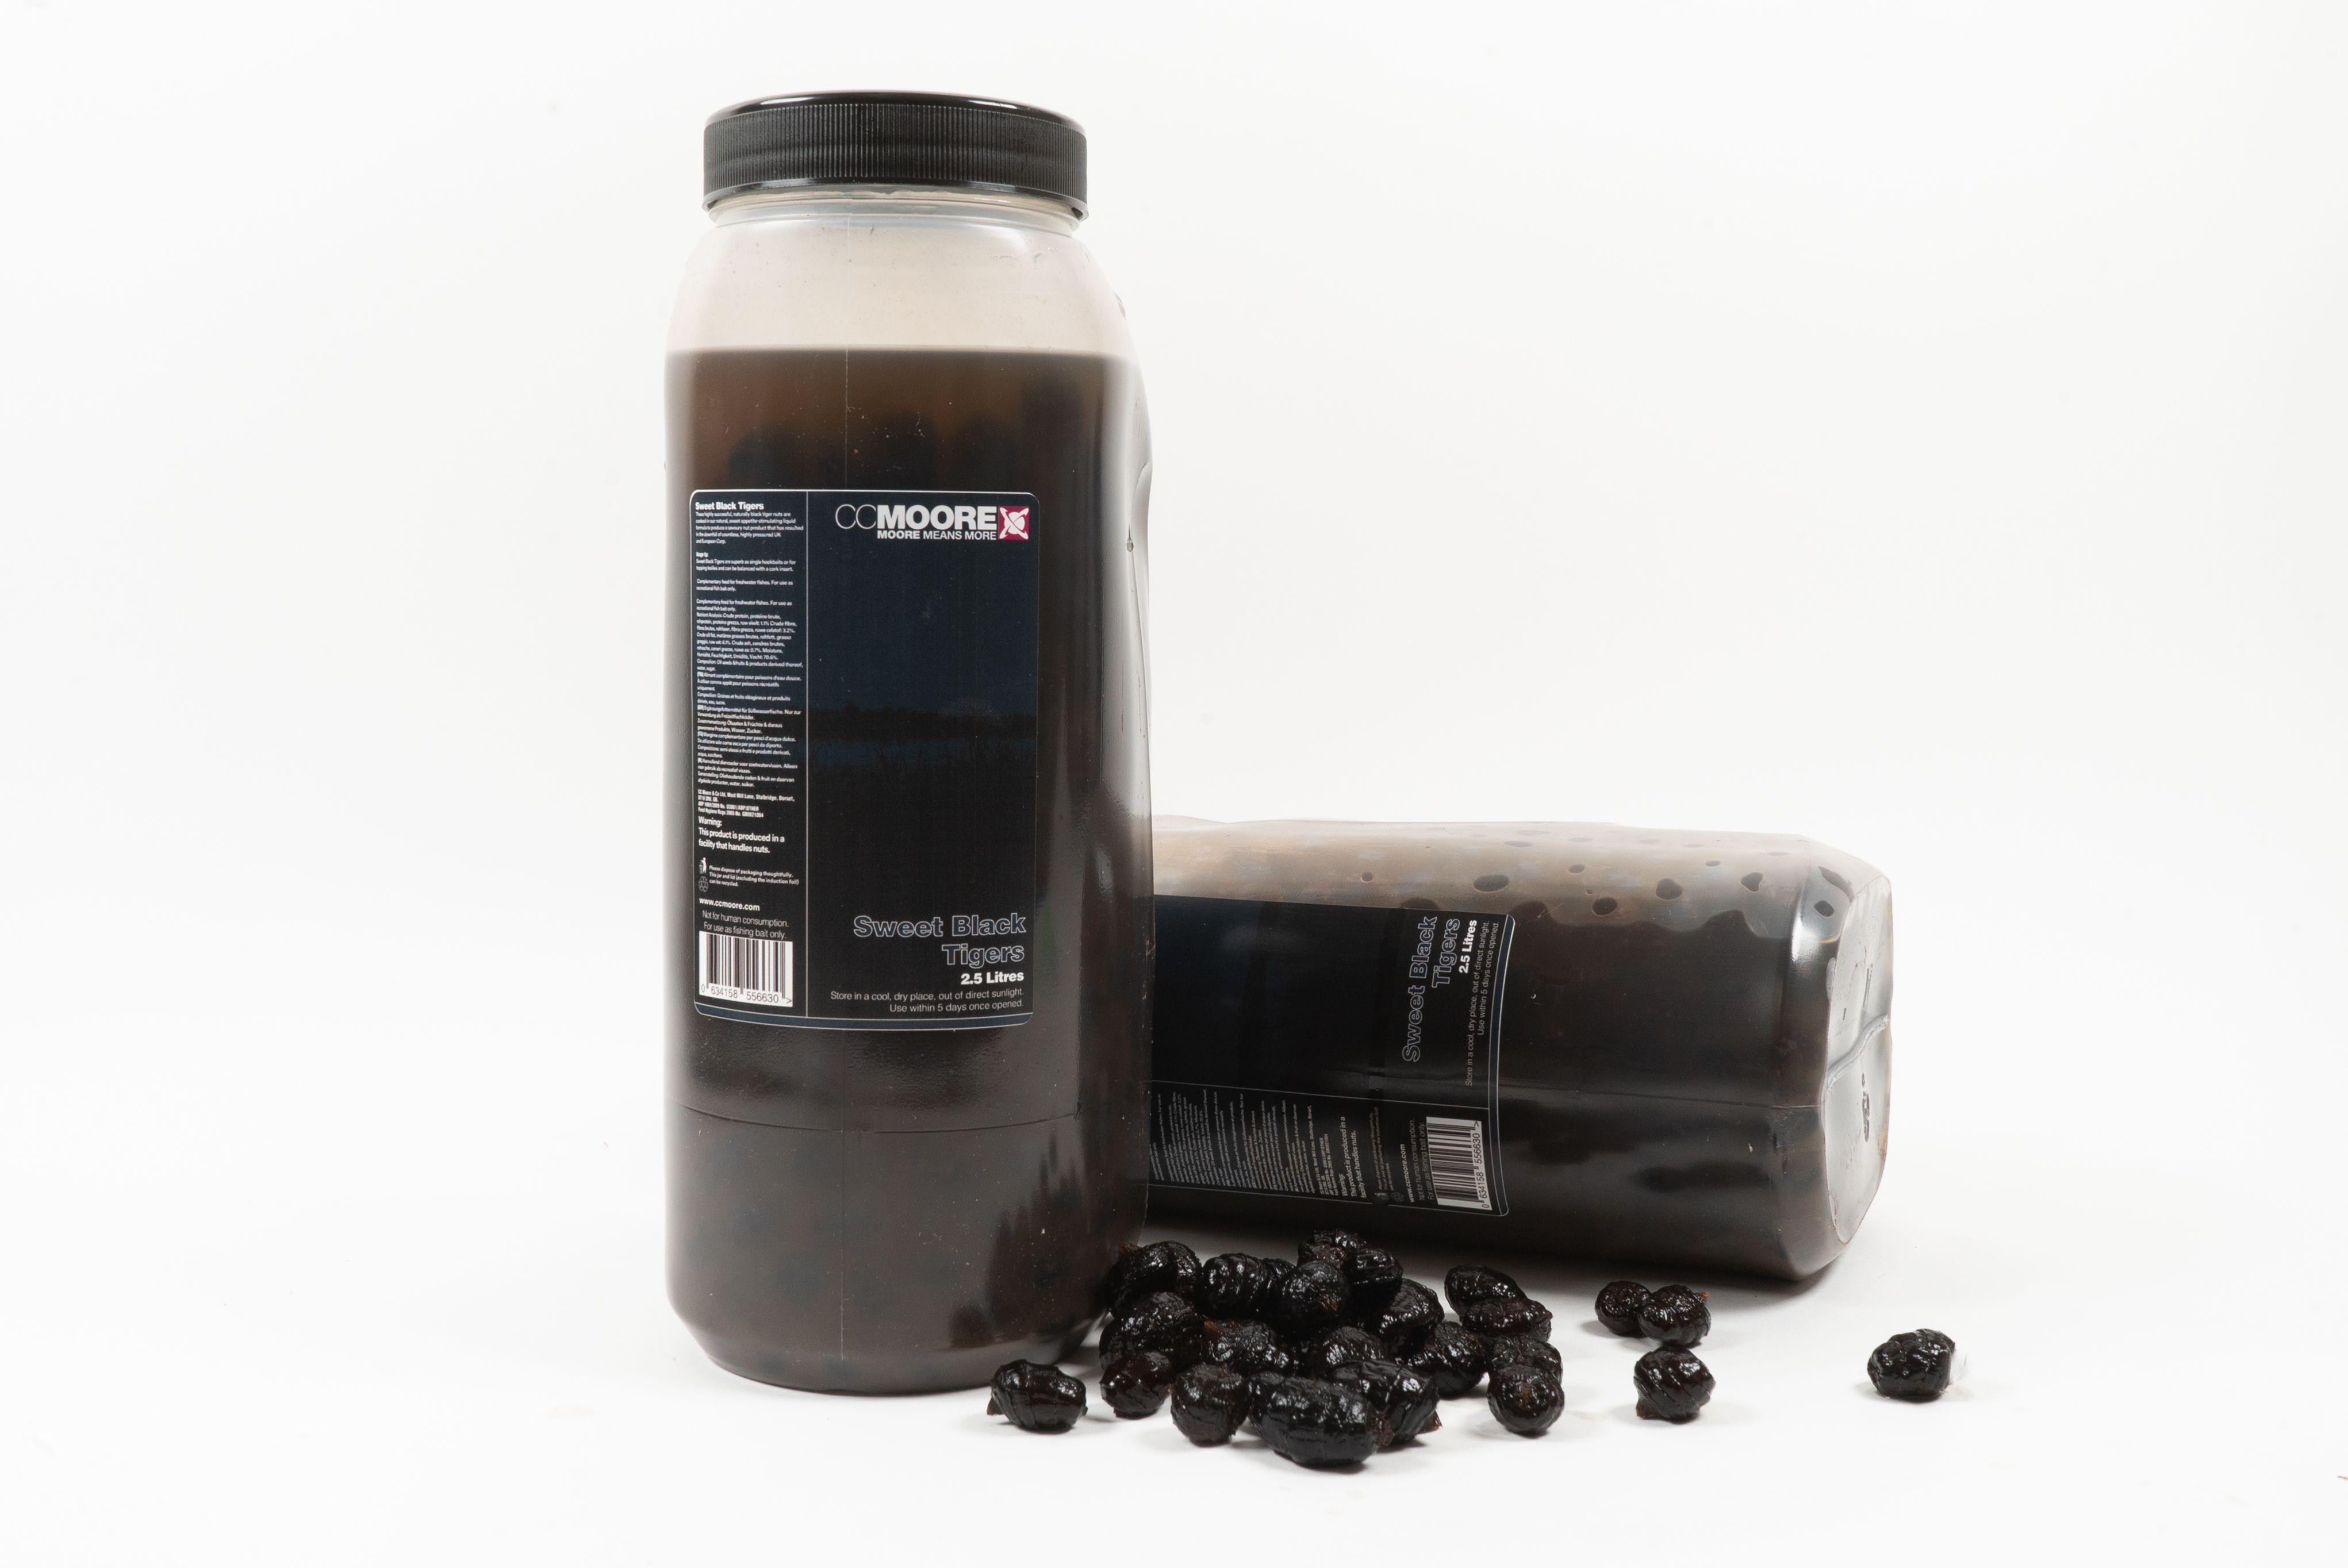 CC Moore nakládaný partikl - Sweet Black černé tygří ořechy 2,5l